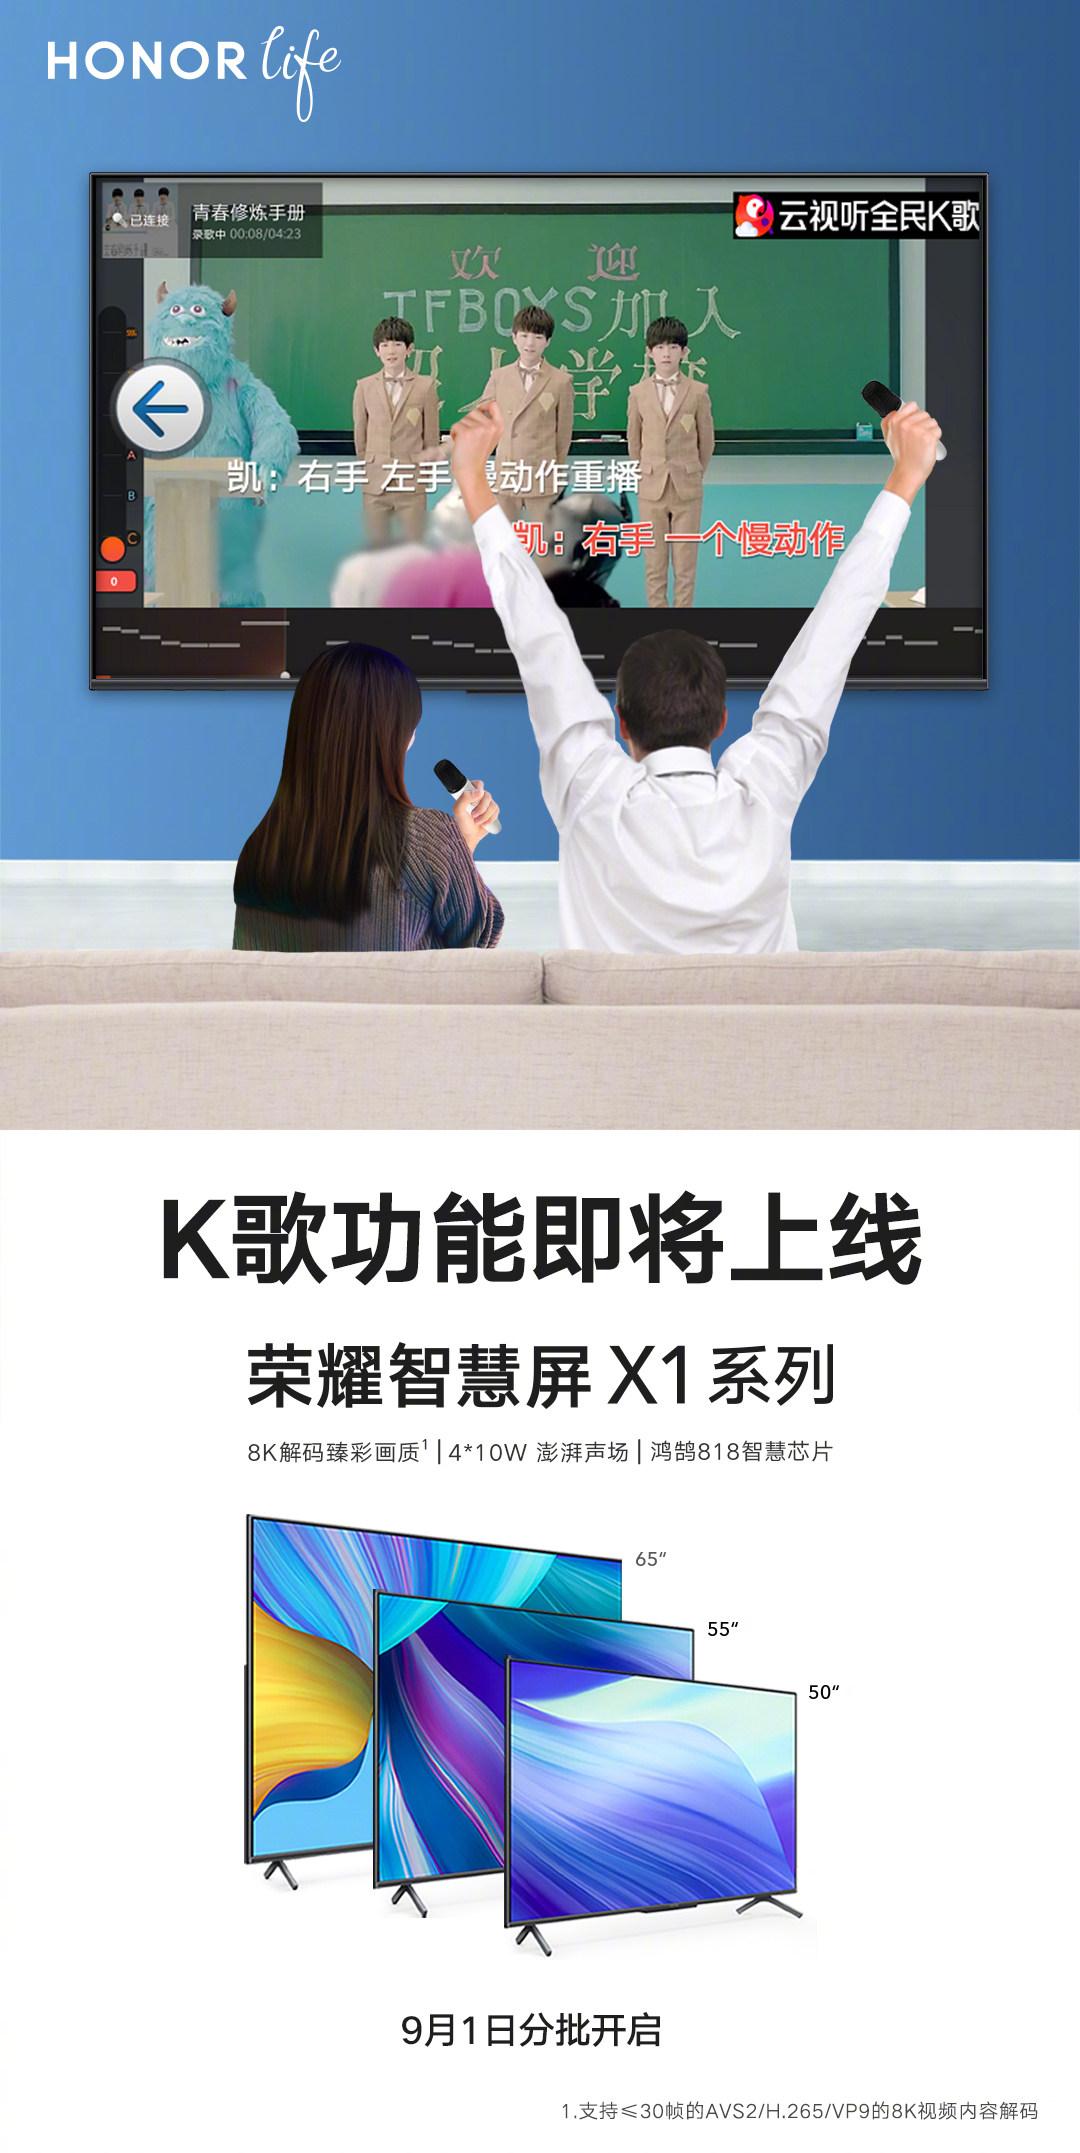 荣耀智慧屏X1系列上线智慧屏K歌功能 9月1日起分批开启_-_热点资讯-货源百科88网